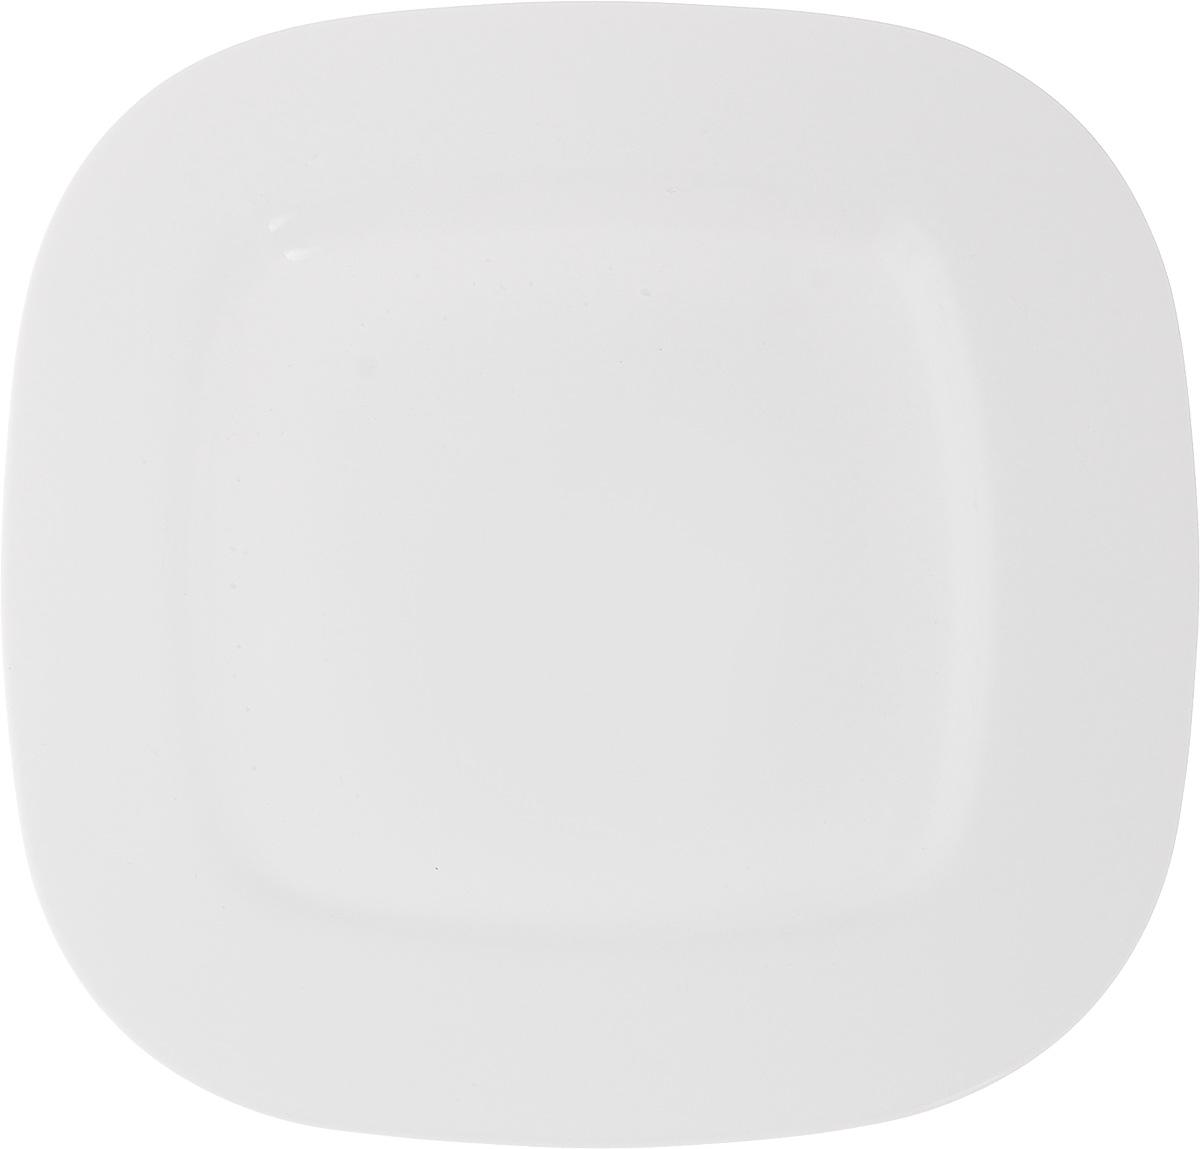 Тарелка обеденная Luminarc Squera, 28 х 28 смH0076Обеденная тарелка Luminarc Squera, изготовленная из высококачественного стекла, имеет изысканный внешний вид. Яркий дизайн придется по вкусу и ценителям классики, и тем, кто предпочитает утонченность. Тарелка Luminarc Squera идеально подойдет для сервировки вторых блюд из птицы, рыбы, мяса или овощей, а также станет отличным подарком к любому празднику.Размер тарелки (по верхнему краю): 28 х 28 см.